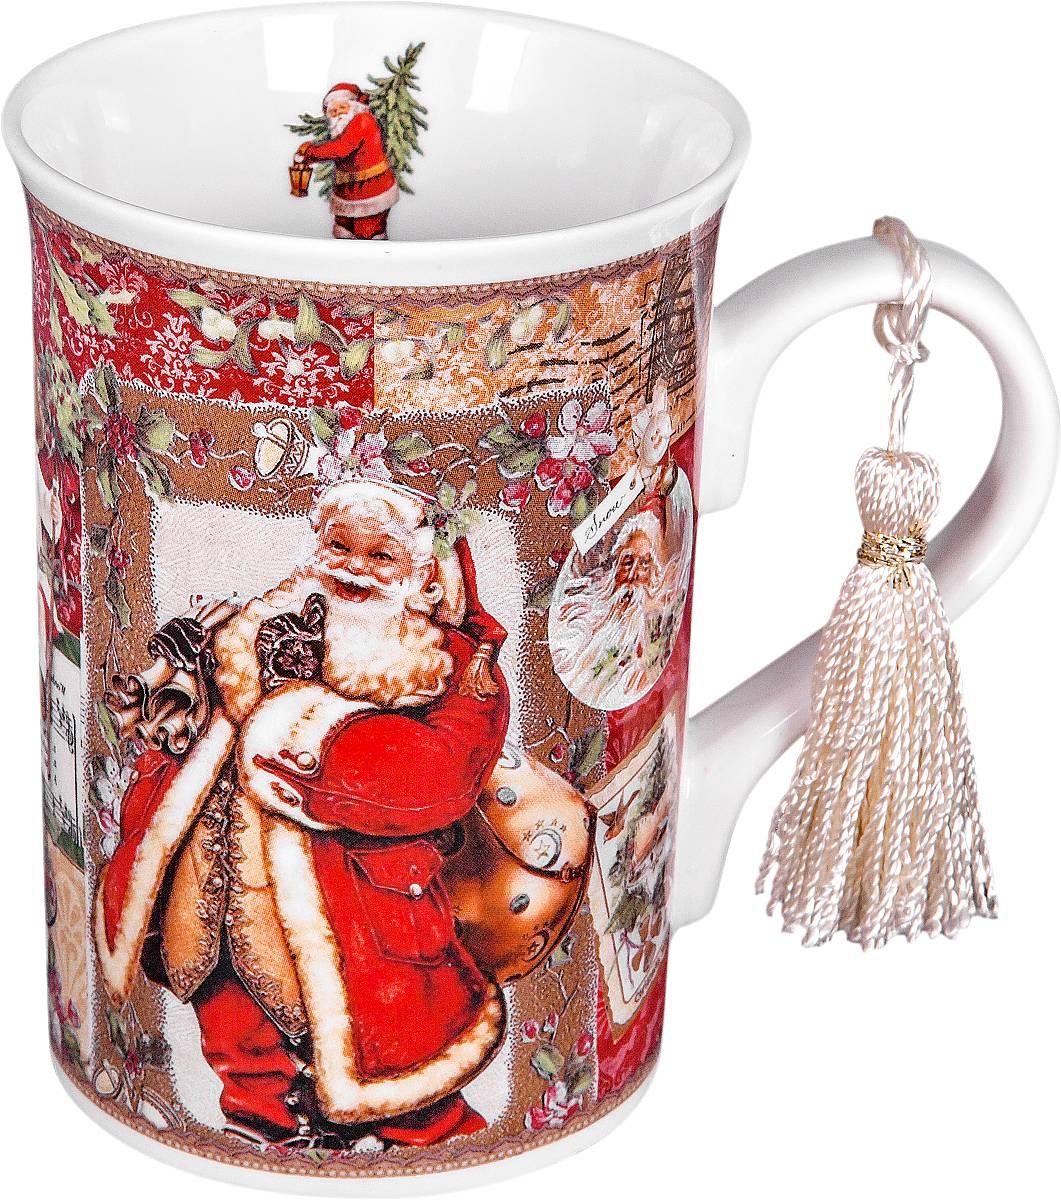 Кружка Mister Christmas Дед Мороз, высота 11 см54 009312Кружка Mister Christmas Дед Мороз изготовлена из качественного глазурованного фарфора. Внешние стенки декорированы красивыми новогодними рисунками. Такая кружка согреет вас горячим напитком и станет неизменным атрибутом чаепития. Отличный новогодний подарок для друзей и близких.